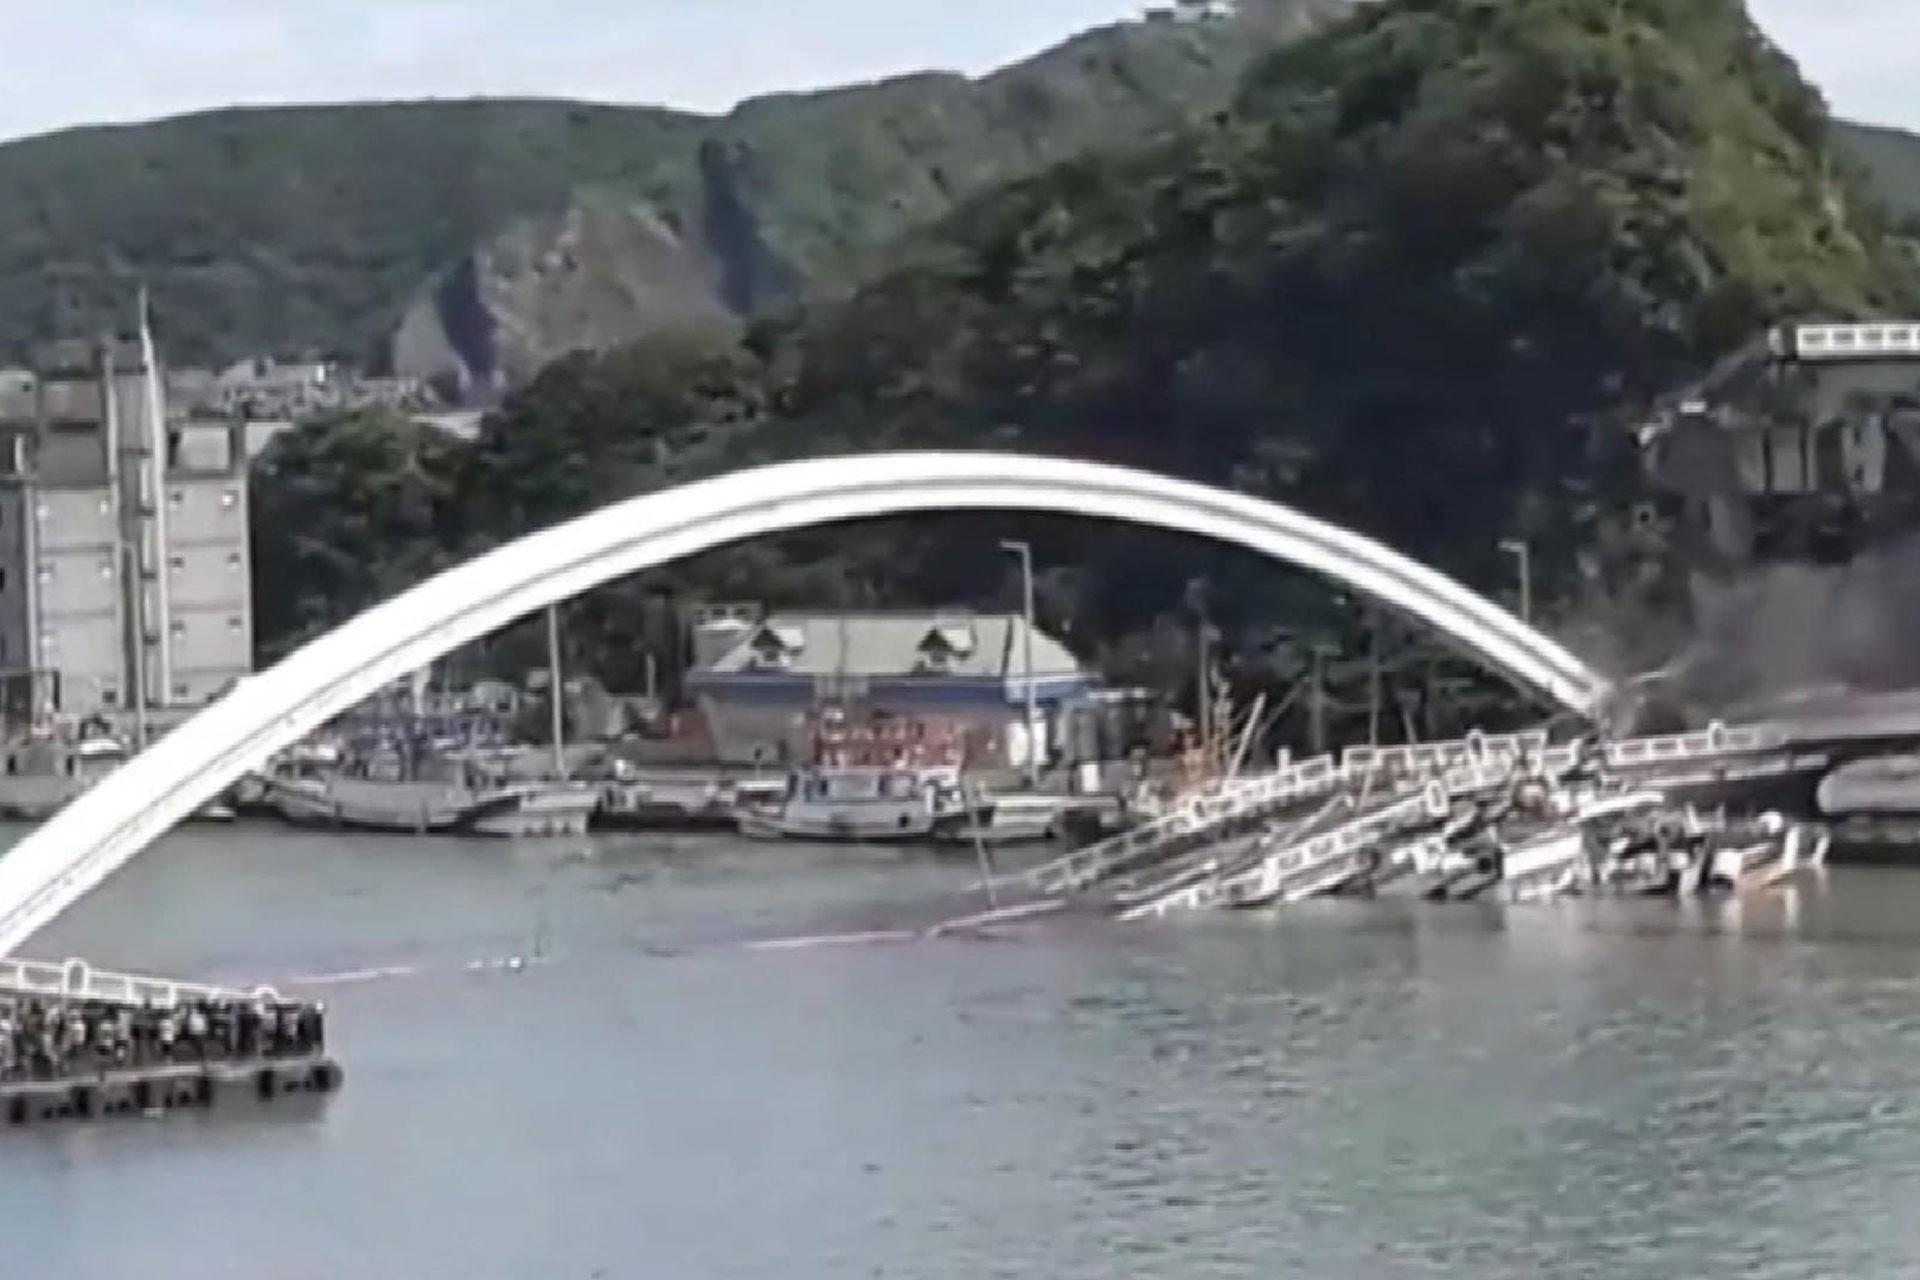 Tayvan'da 21 yıllık köprü çöktü: 10 kişi yaralı, 6 kişi kayıp